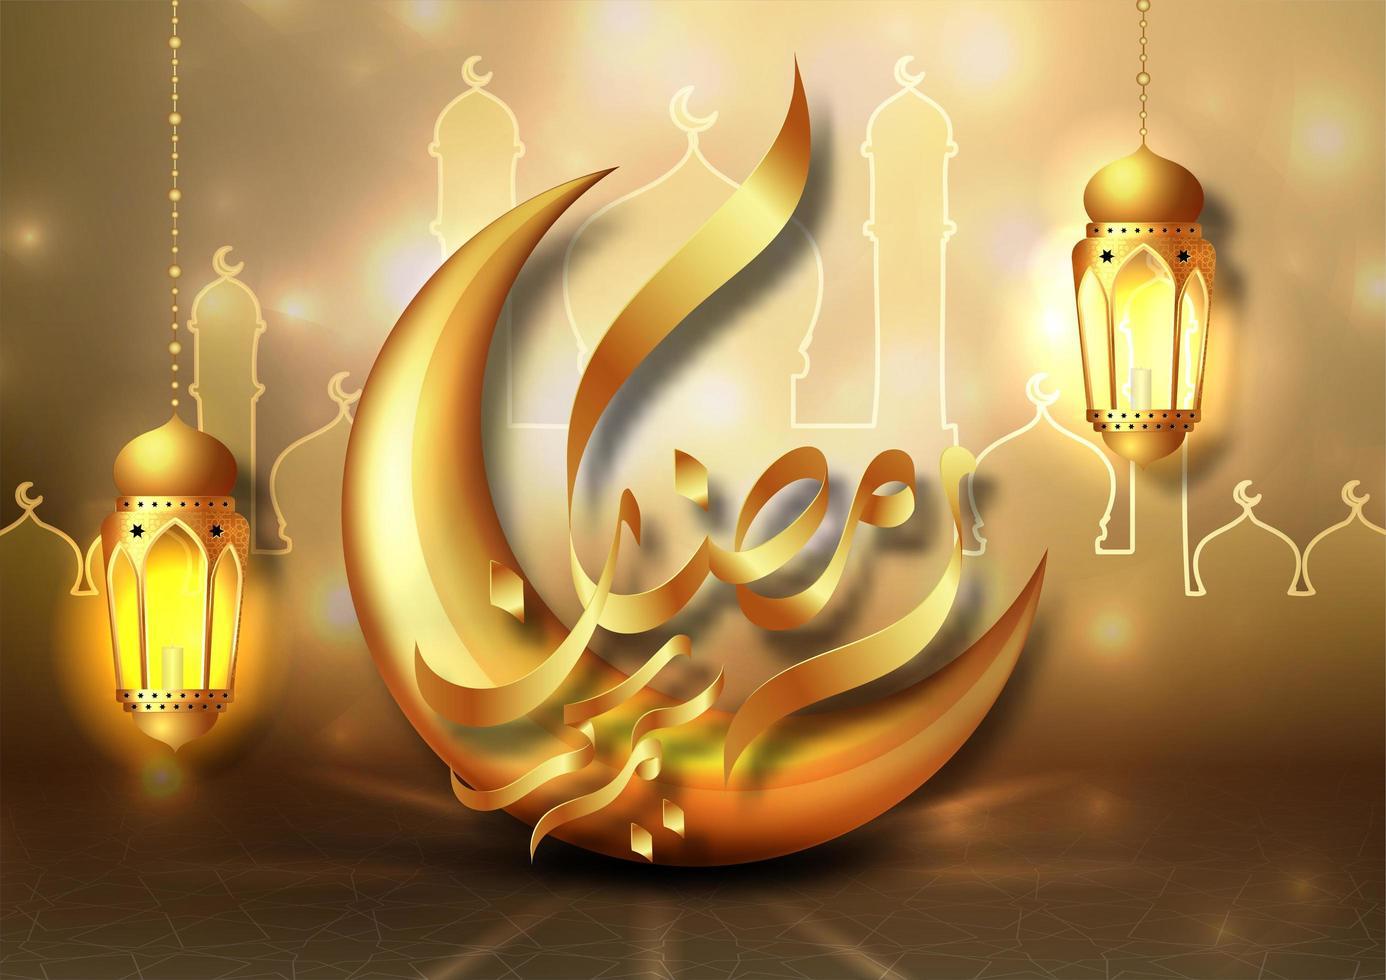 ramadan kareem-kort med gyllene hängande lyktor vektor